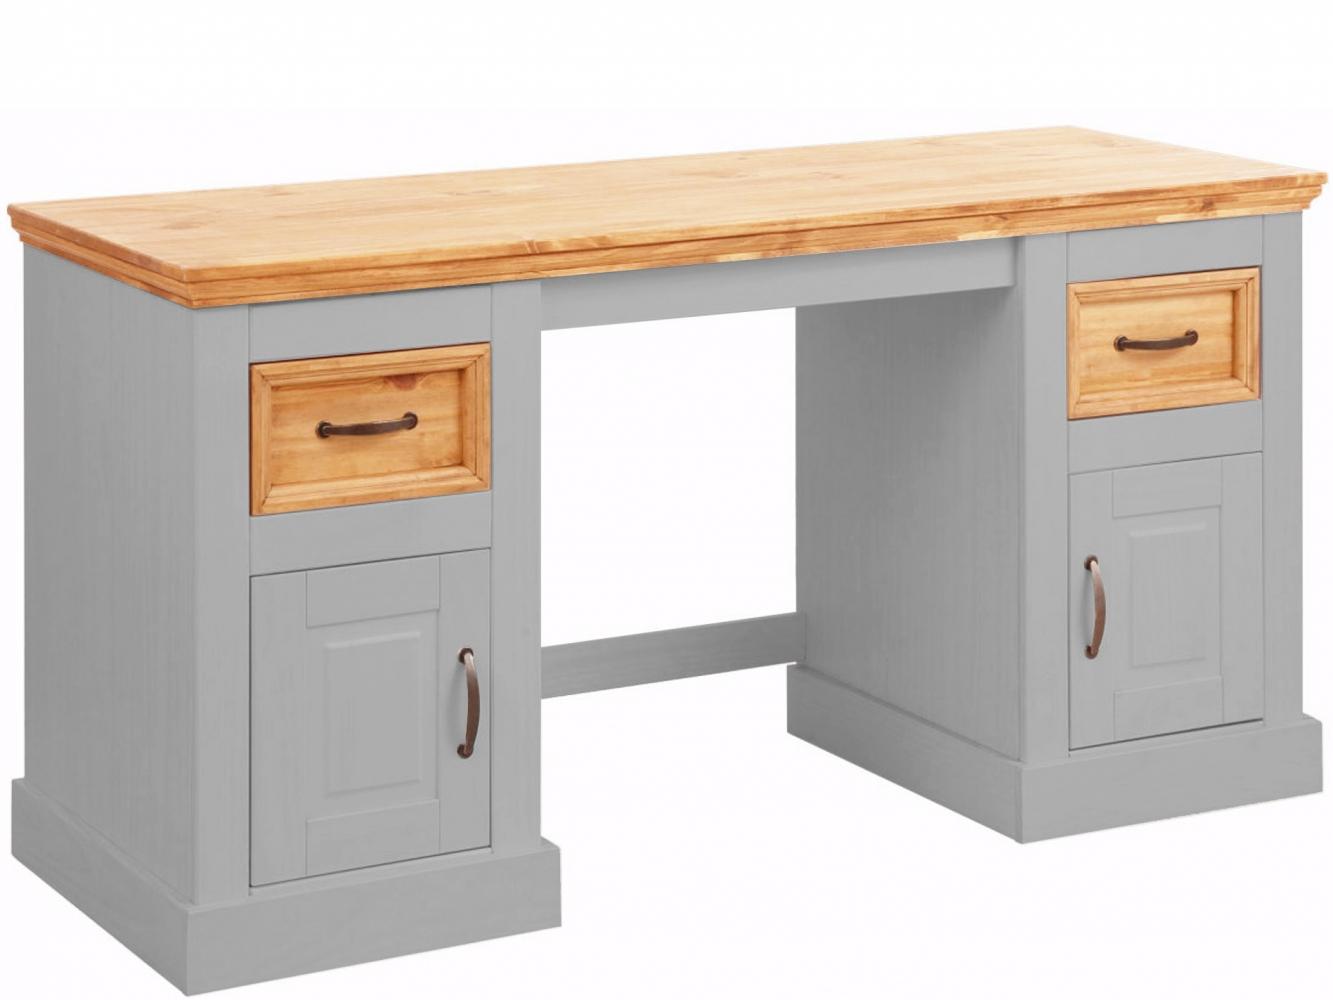 Pracovní stůl Yvet, 150 cm, šedá